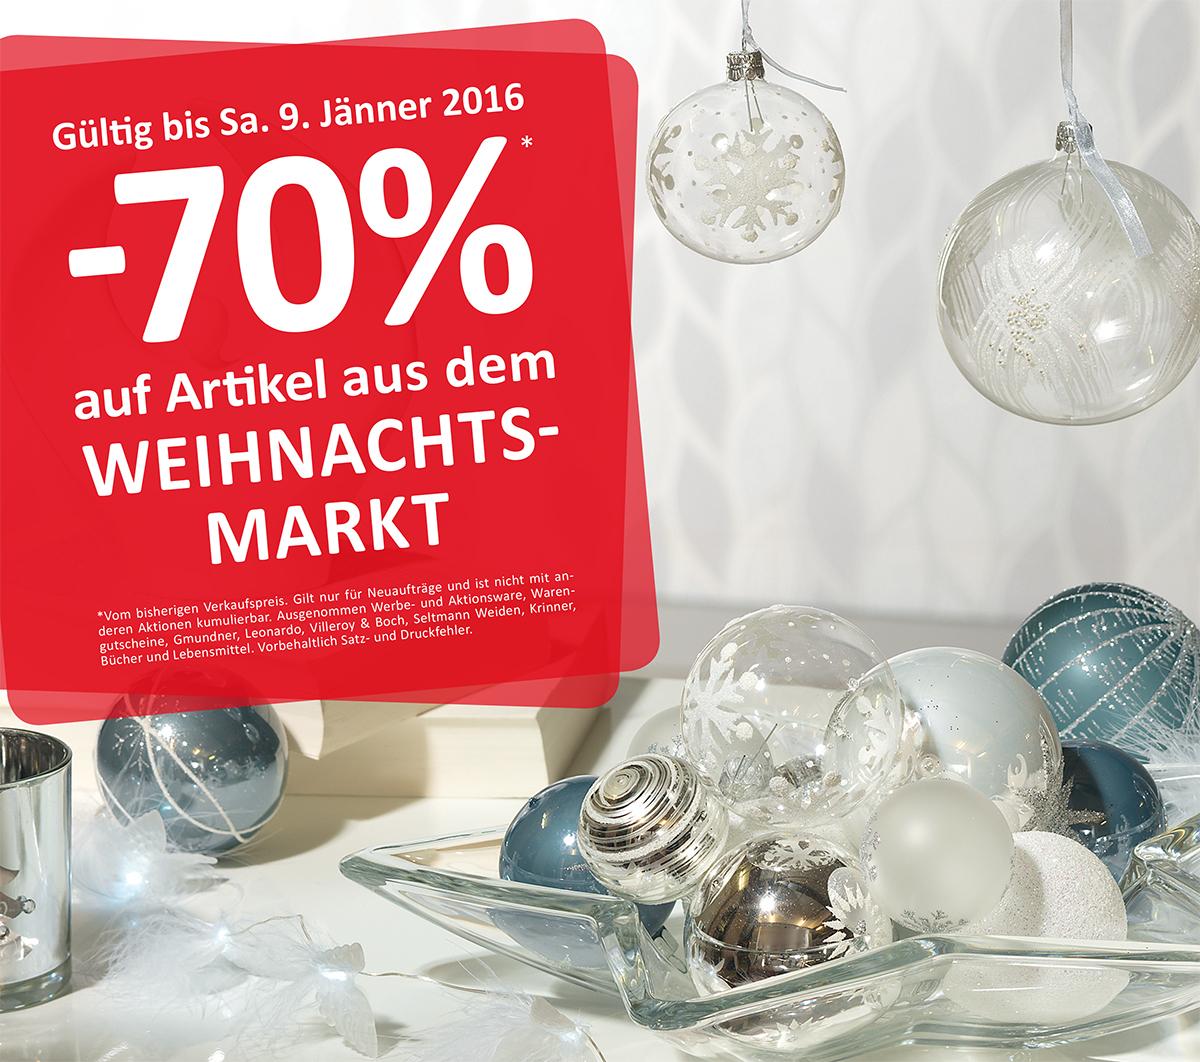 [kika / Leiner] -70% auf Artikel aus dem Weihnachtsmarkt